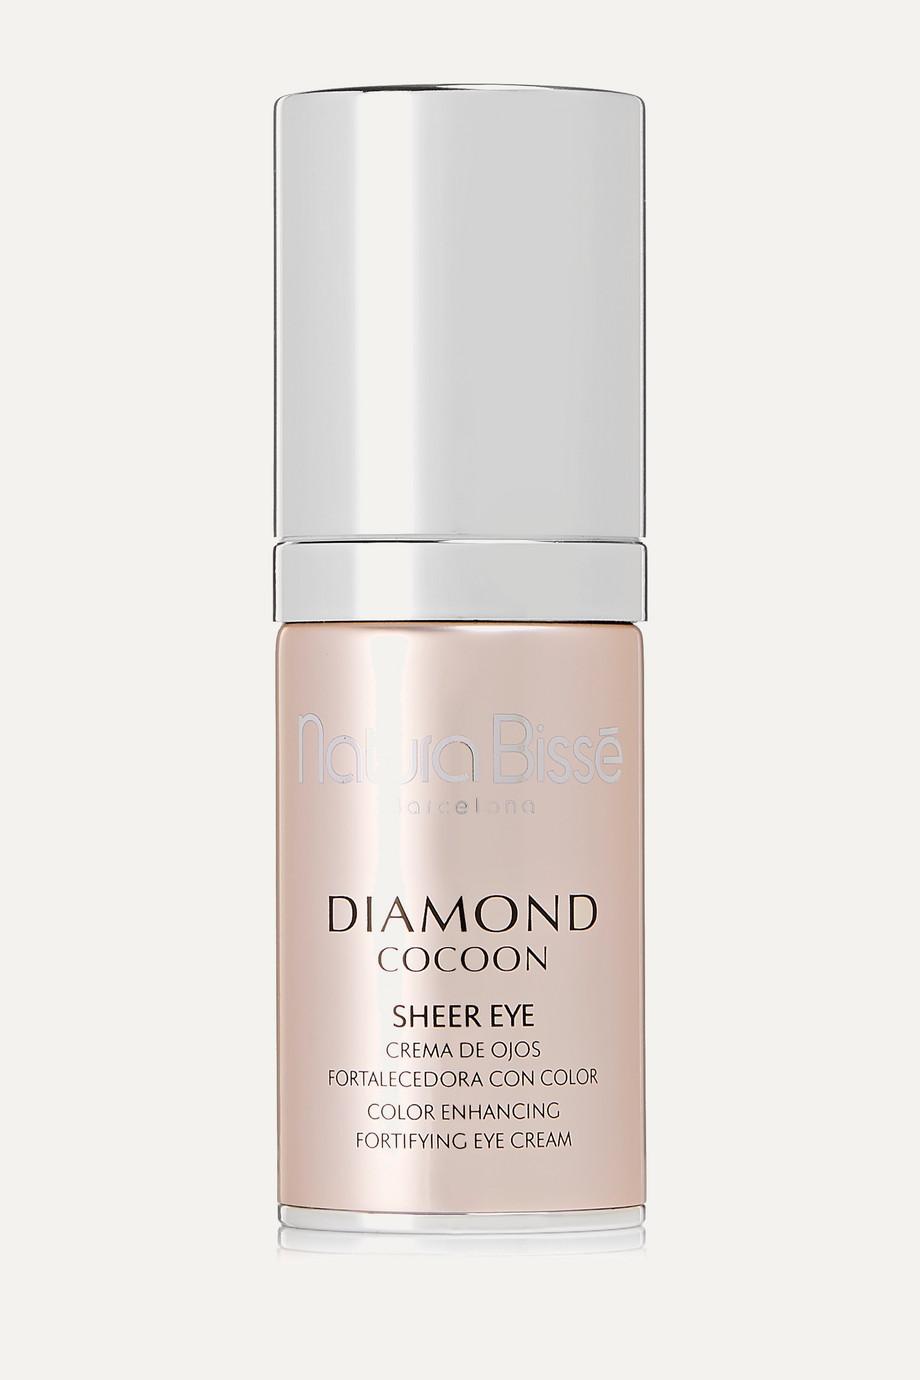 Natura Bissé Diamond Cocoon Sheer Eye, 25 ml – Augencreme